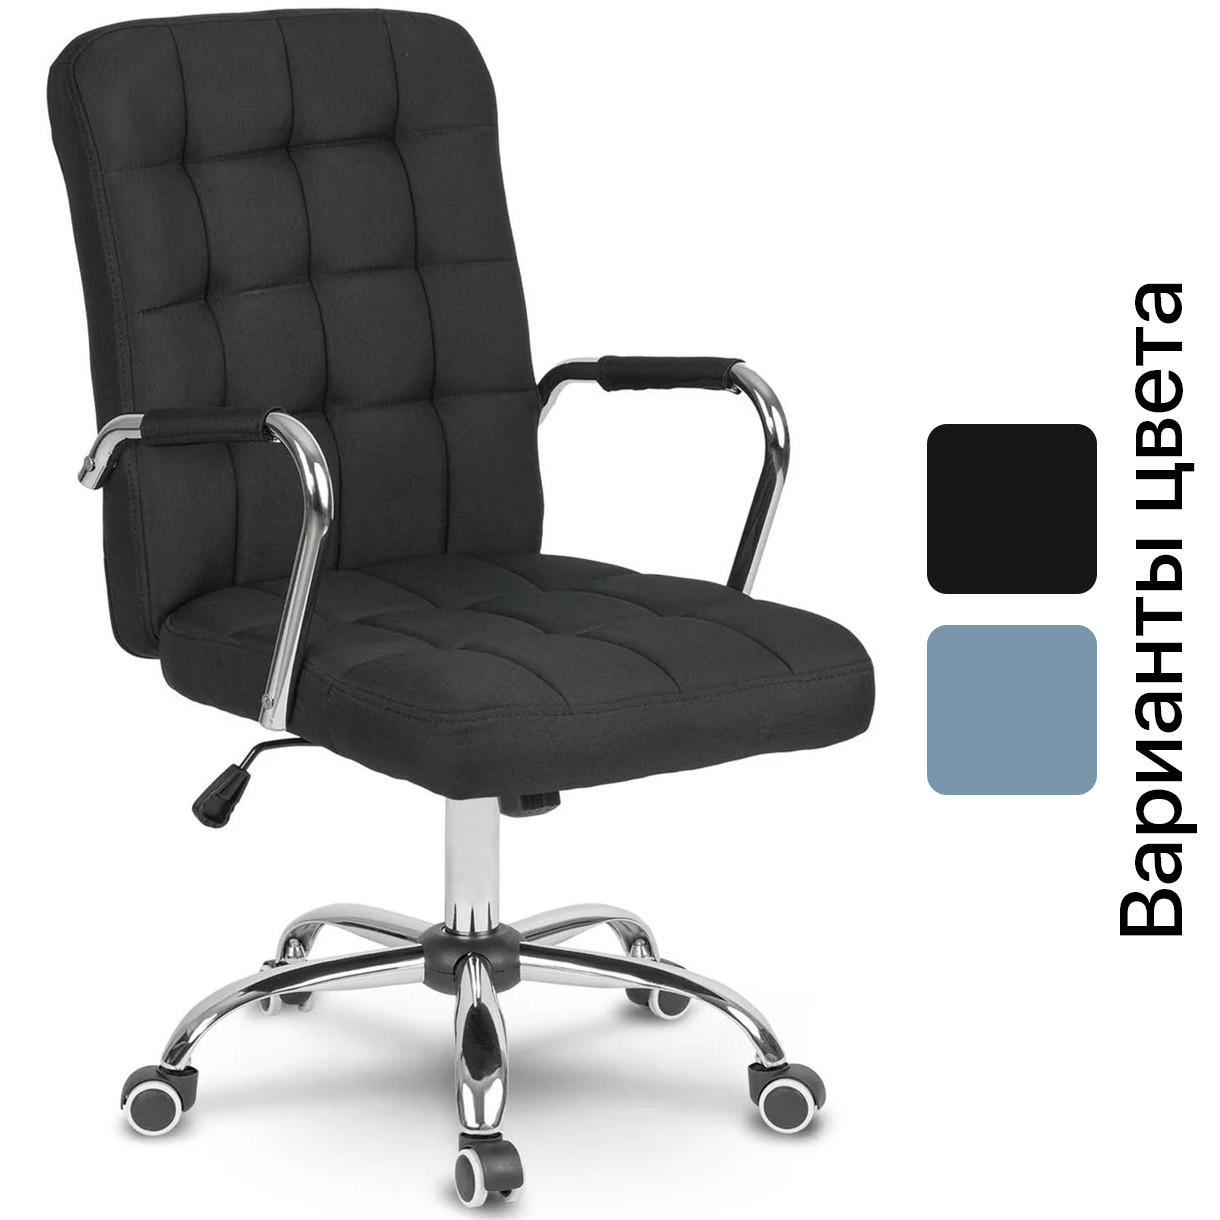 Кресло офисное компьютерное Benton ткань рабочее для компьютера офиса дома